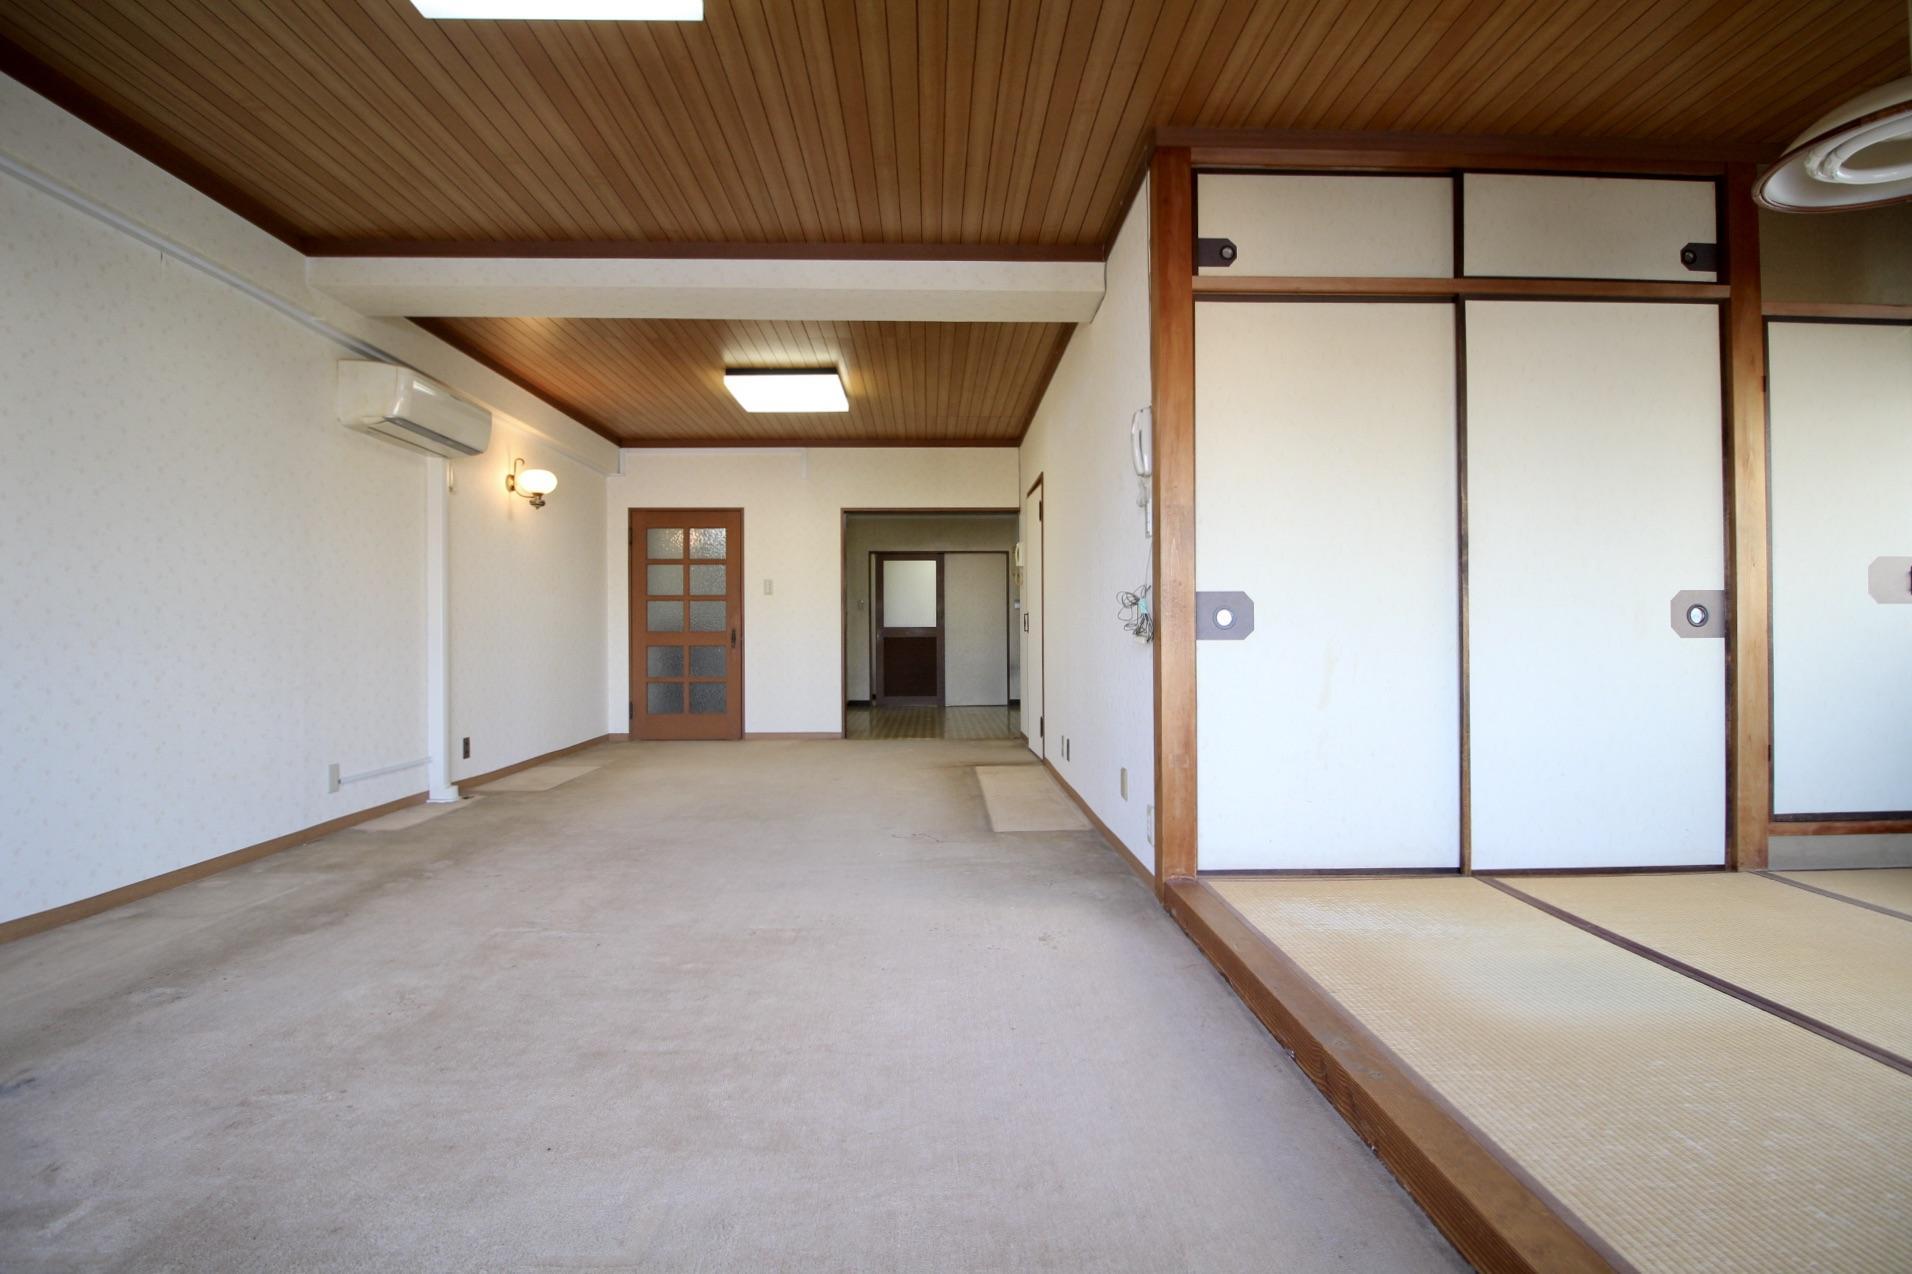 木張りの天井や建具などオリジナルの内装がそのまま健在